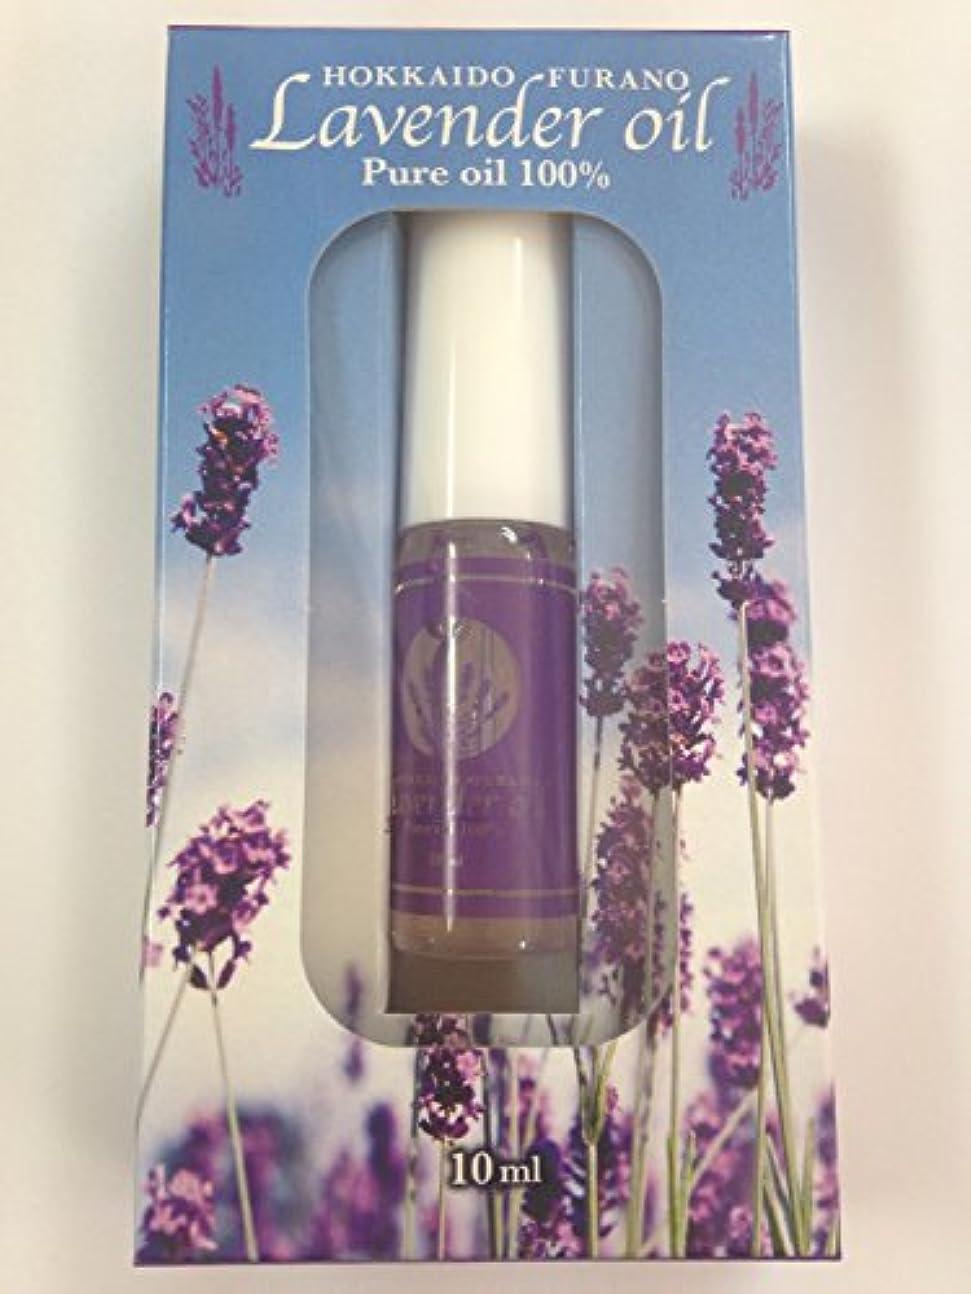 隠すマーク論争北海道◆ラベンダー天然精油100%?10ml<水蒸気蒸留法>Lavender oil